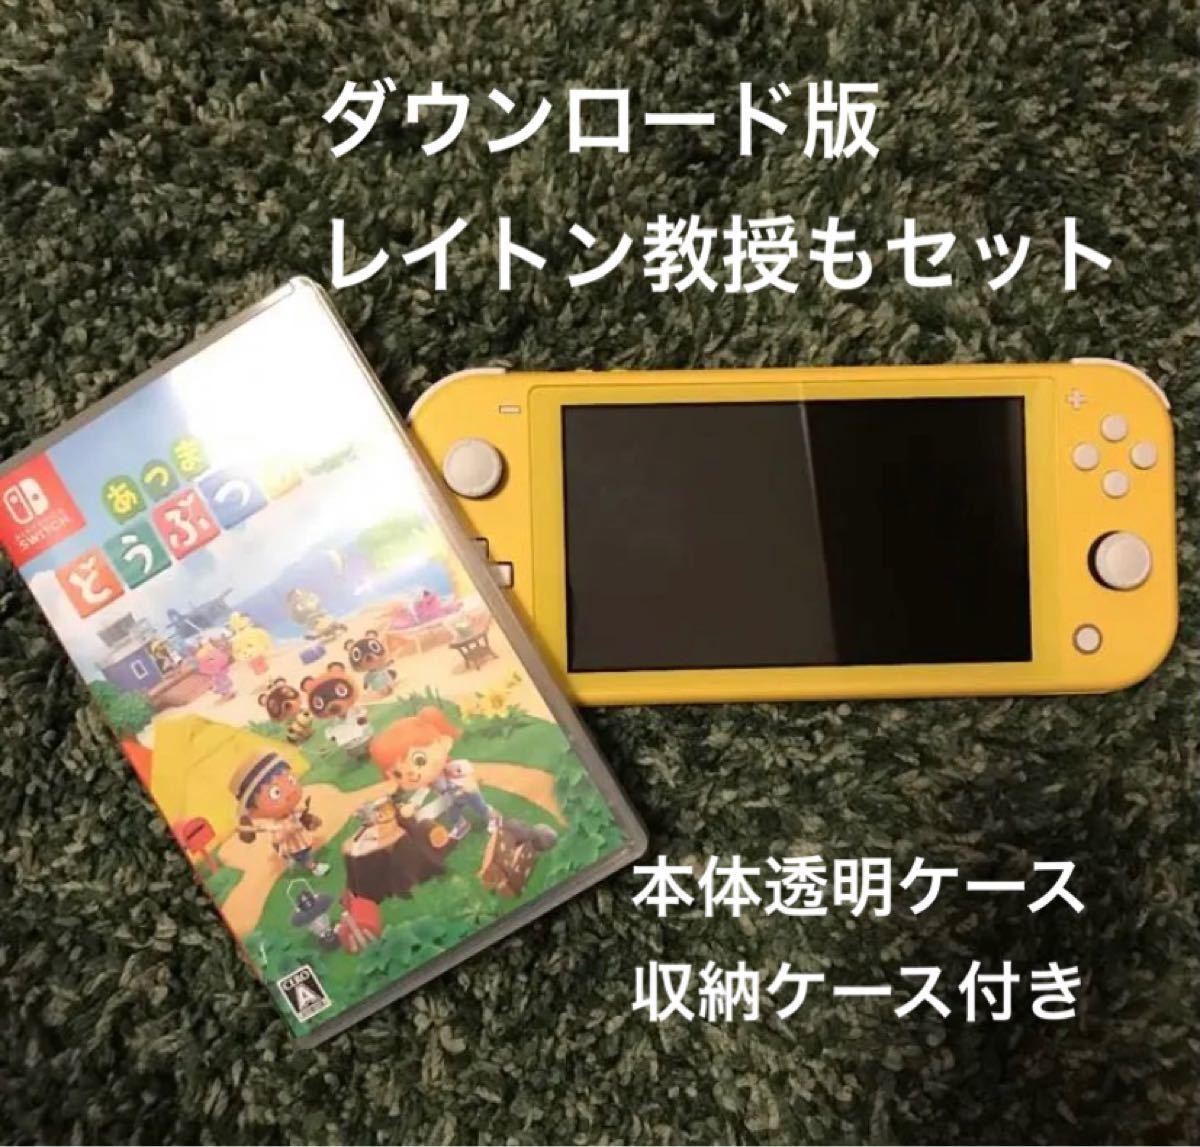 箱は捨ててしまいました(;_;)それ以外は揃ってます! Nintendo Switch 強化ガラスフィルム 保護フィルム